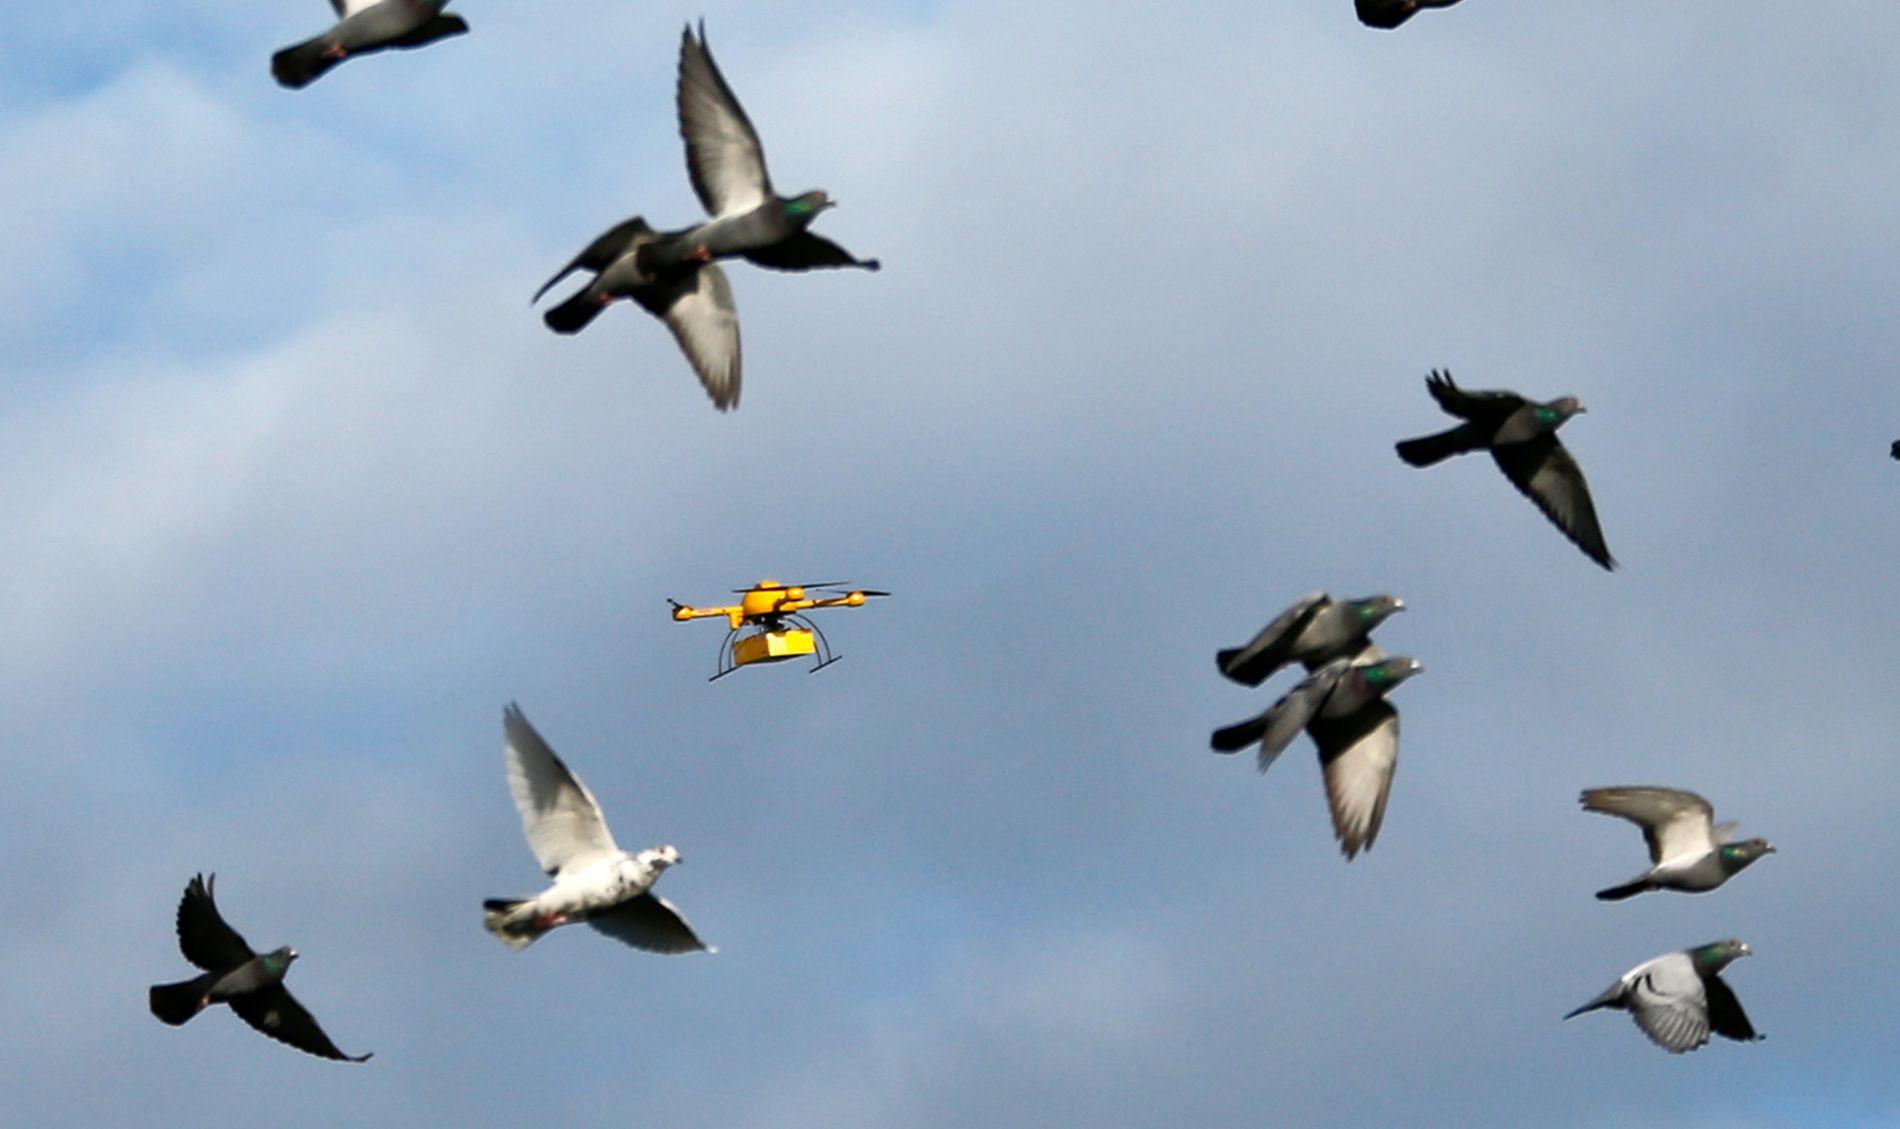 LUFTANGREP: Droner mot brevduer er blant de humoristiske forslagene til ny grensekontroll mot smugling. Dette bildet er fra tyske DHL som i 2013 demonstrerte sin pakkedrone. Duene ble ikke skadet.